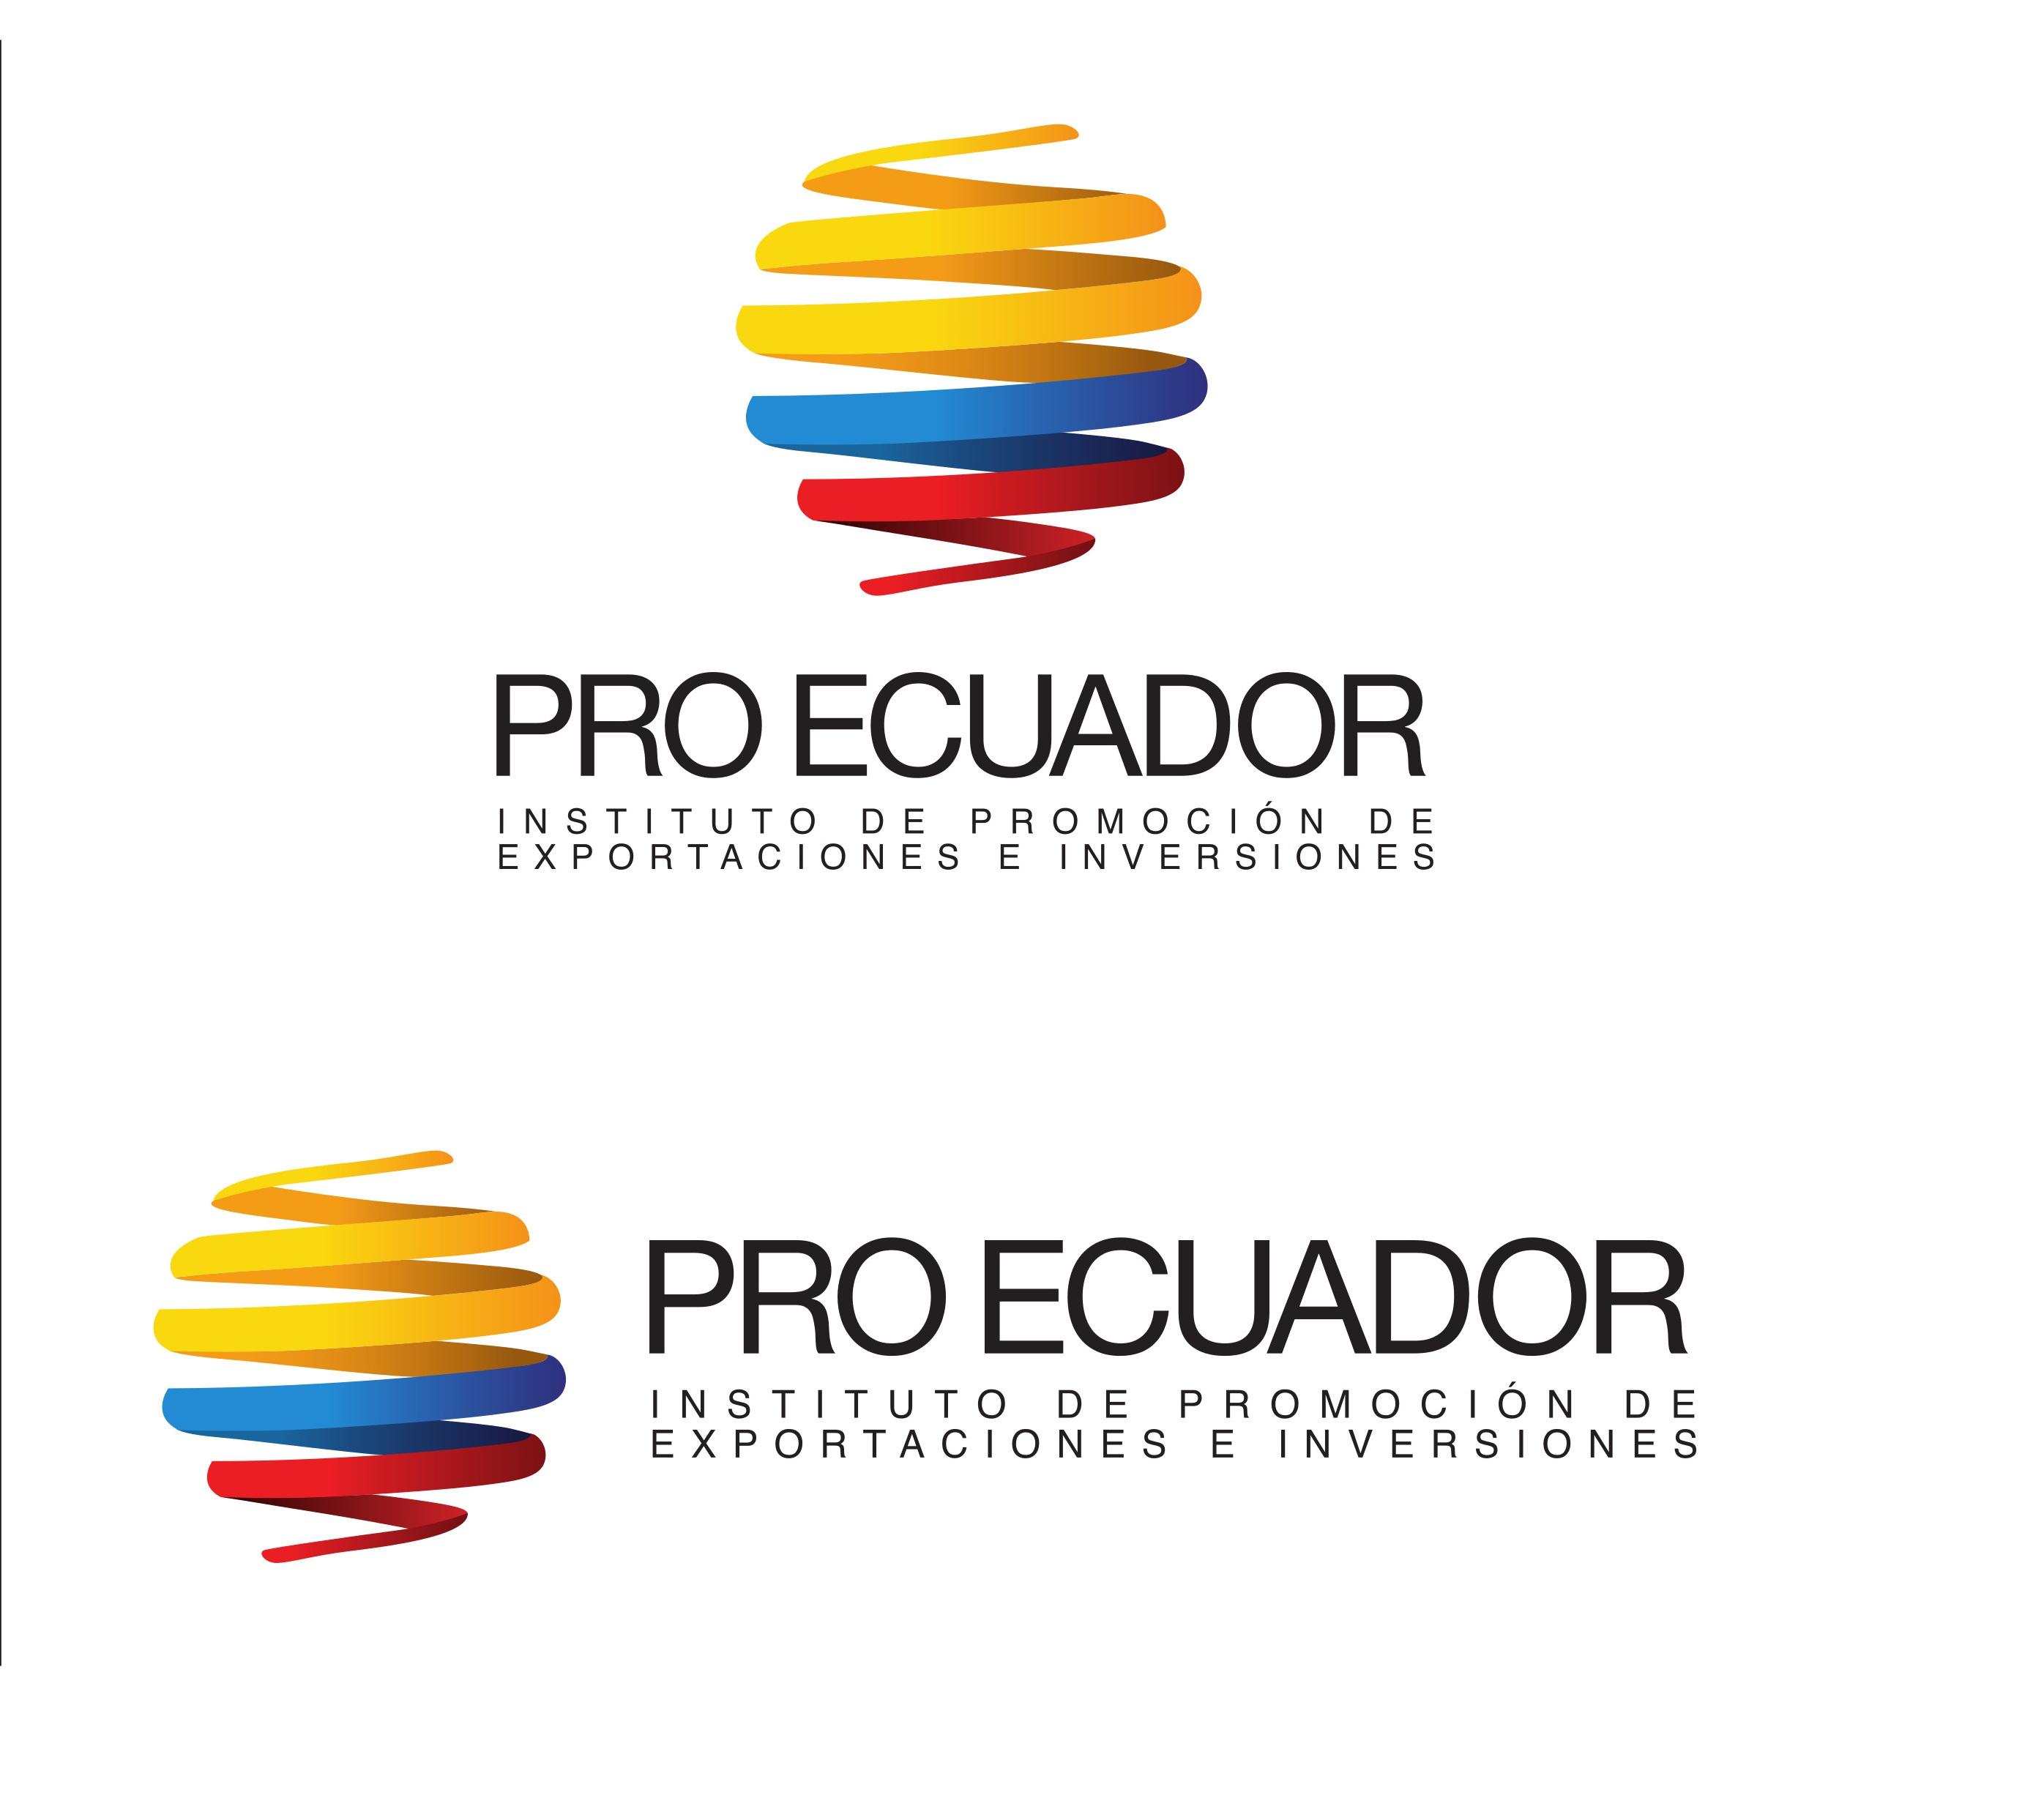 FICHAS DEL ATÚN DEL ECUADOR - PROECUADOR